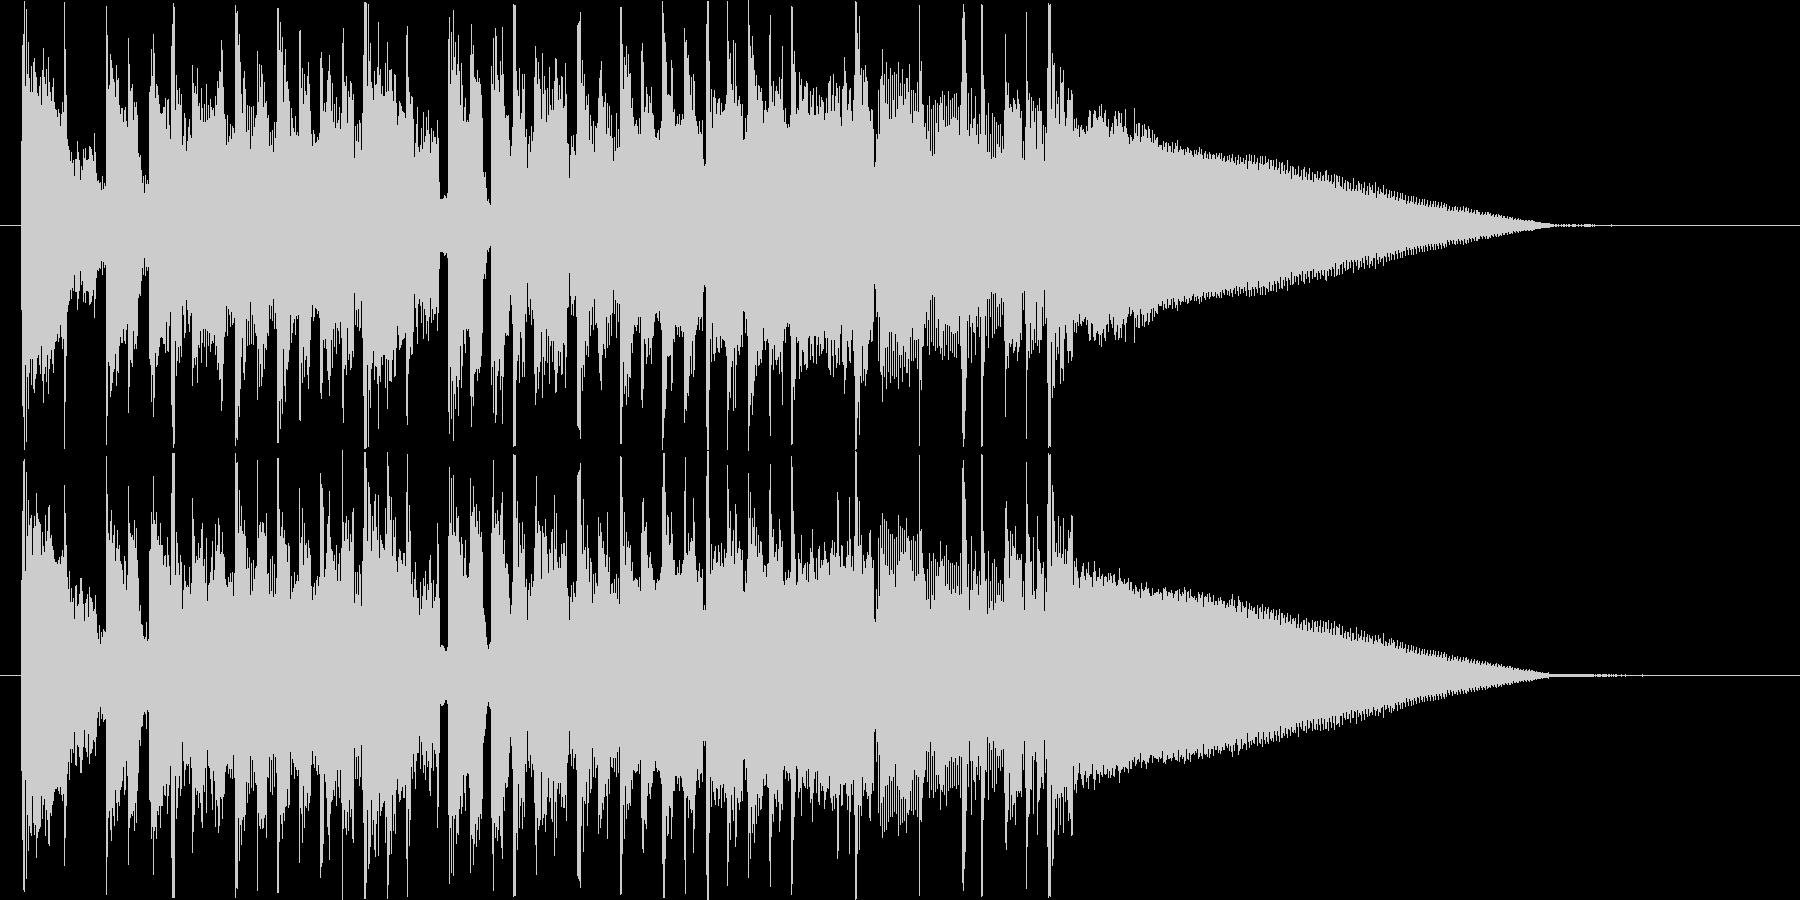 サウンドロゴ、ジングル#3 の未再生の波形